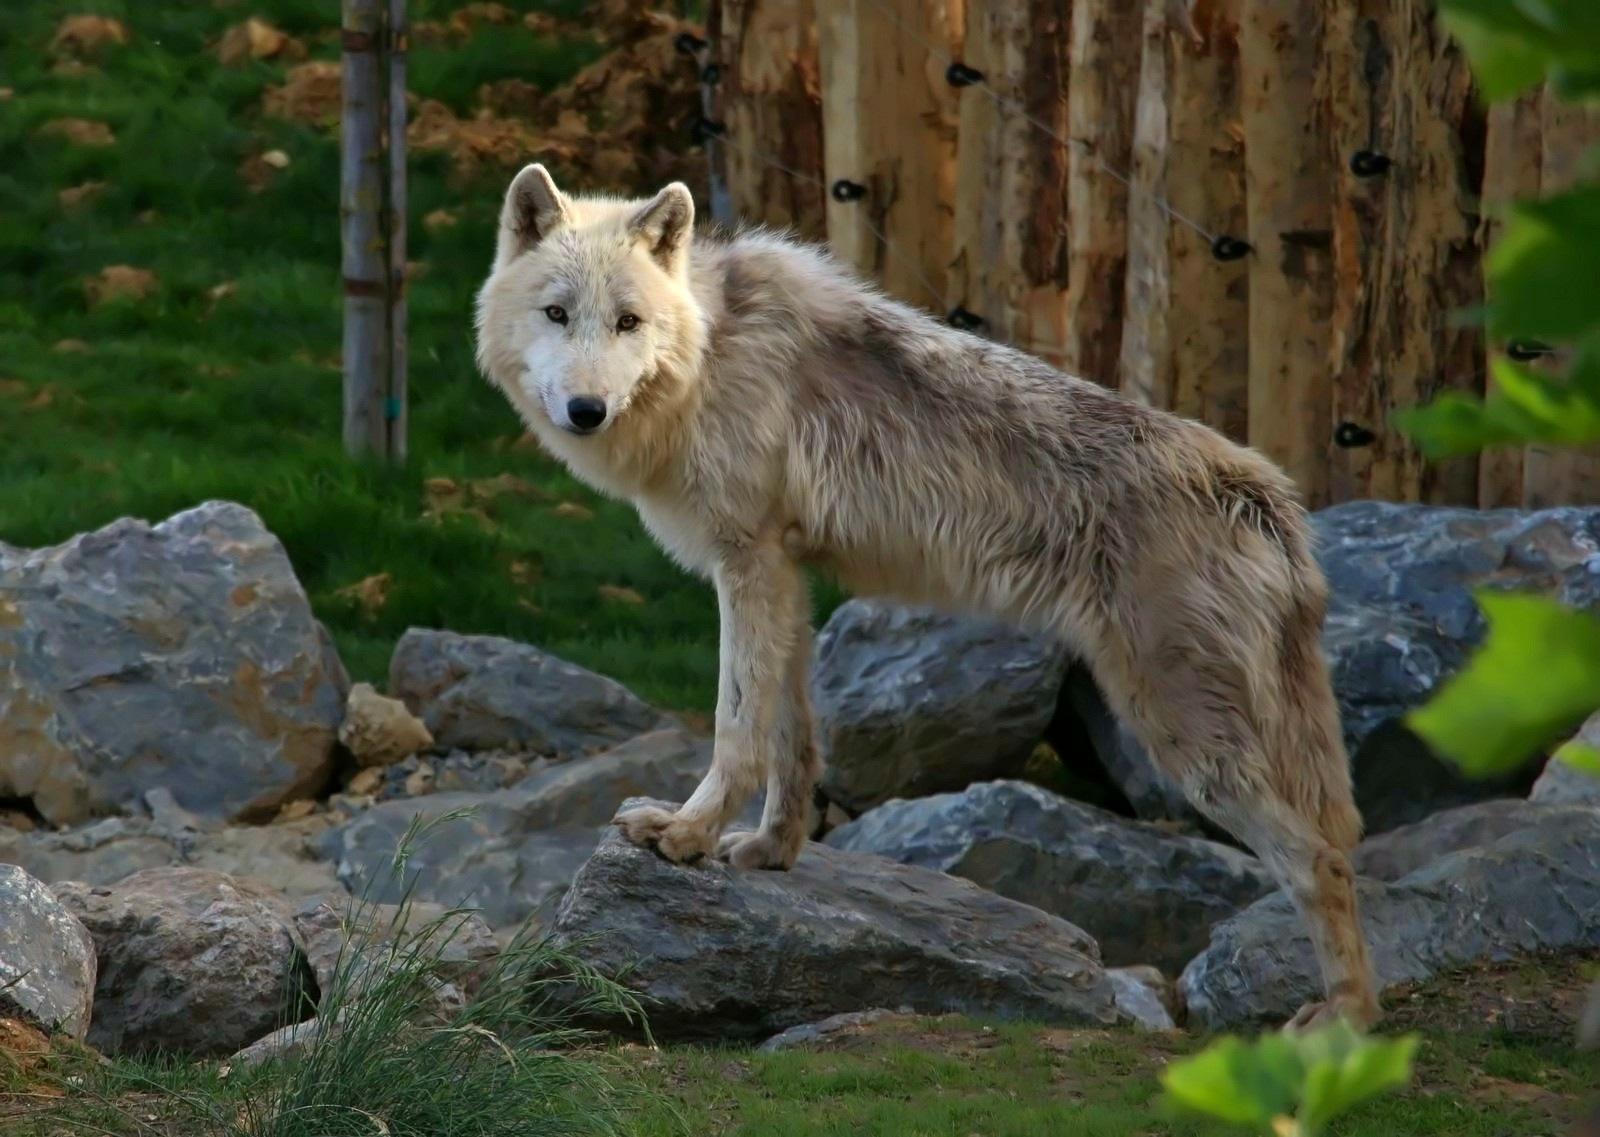 Le loup by Pepito micolasol